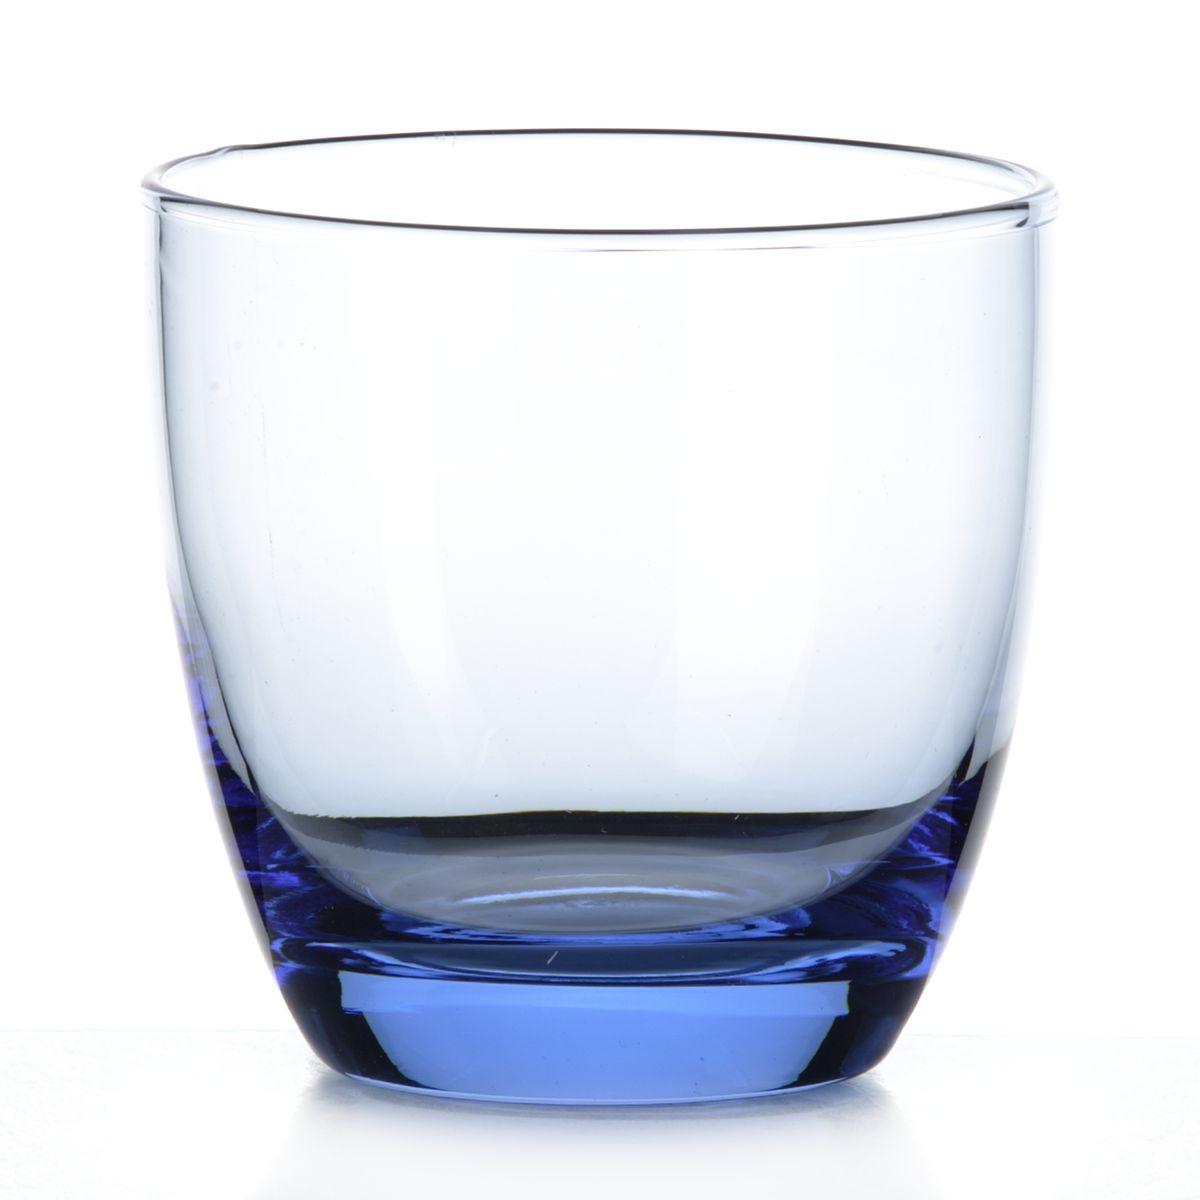 Набор стаканов для виски Pasabahce Workshop Light Blue, 370 мл, 3 шт. 42030BM42030BM/Набор Pasabahce Workshop Light Blue состоит из трех стаканов, выполненных из прочного натрий-кальций-силикатного стекла. Изделия имеют утолщенное дно. Набор предназначен для подачи виски. Стаканы сочетают в себе элегантный дизайн и функциональность. Благодаря такому набору пить напитки будет еще вкуснее. Набор стаканов Pasabahce Workshop Light Blue прекрасно оформит праздничный стол и создаст приятную атмосферу за ужином. Такой набор также станет хорошим подарком к любому случаю. Можно мыть в посудомоечной машине и использовать в микроволновой печи. Диаметр стакана (по верхнему краю): 9 см. Высота стакана: 9,5 см.